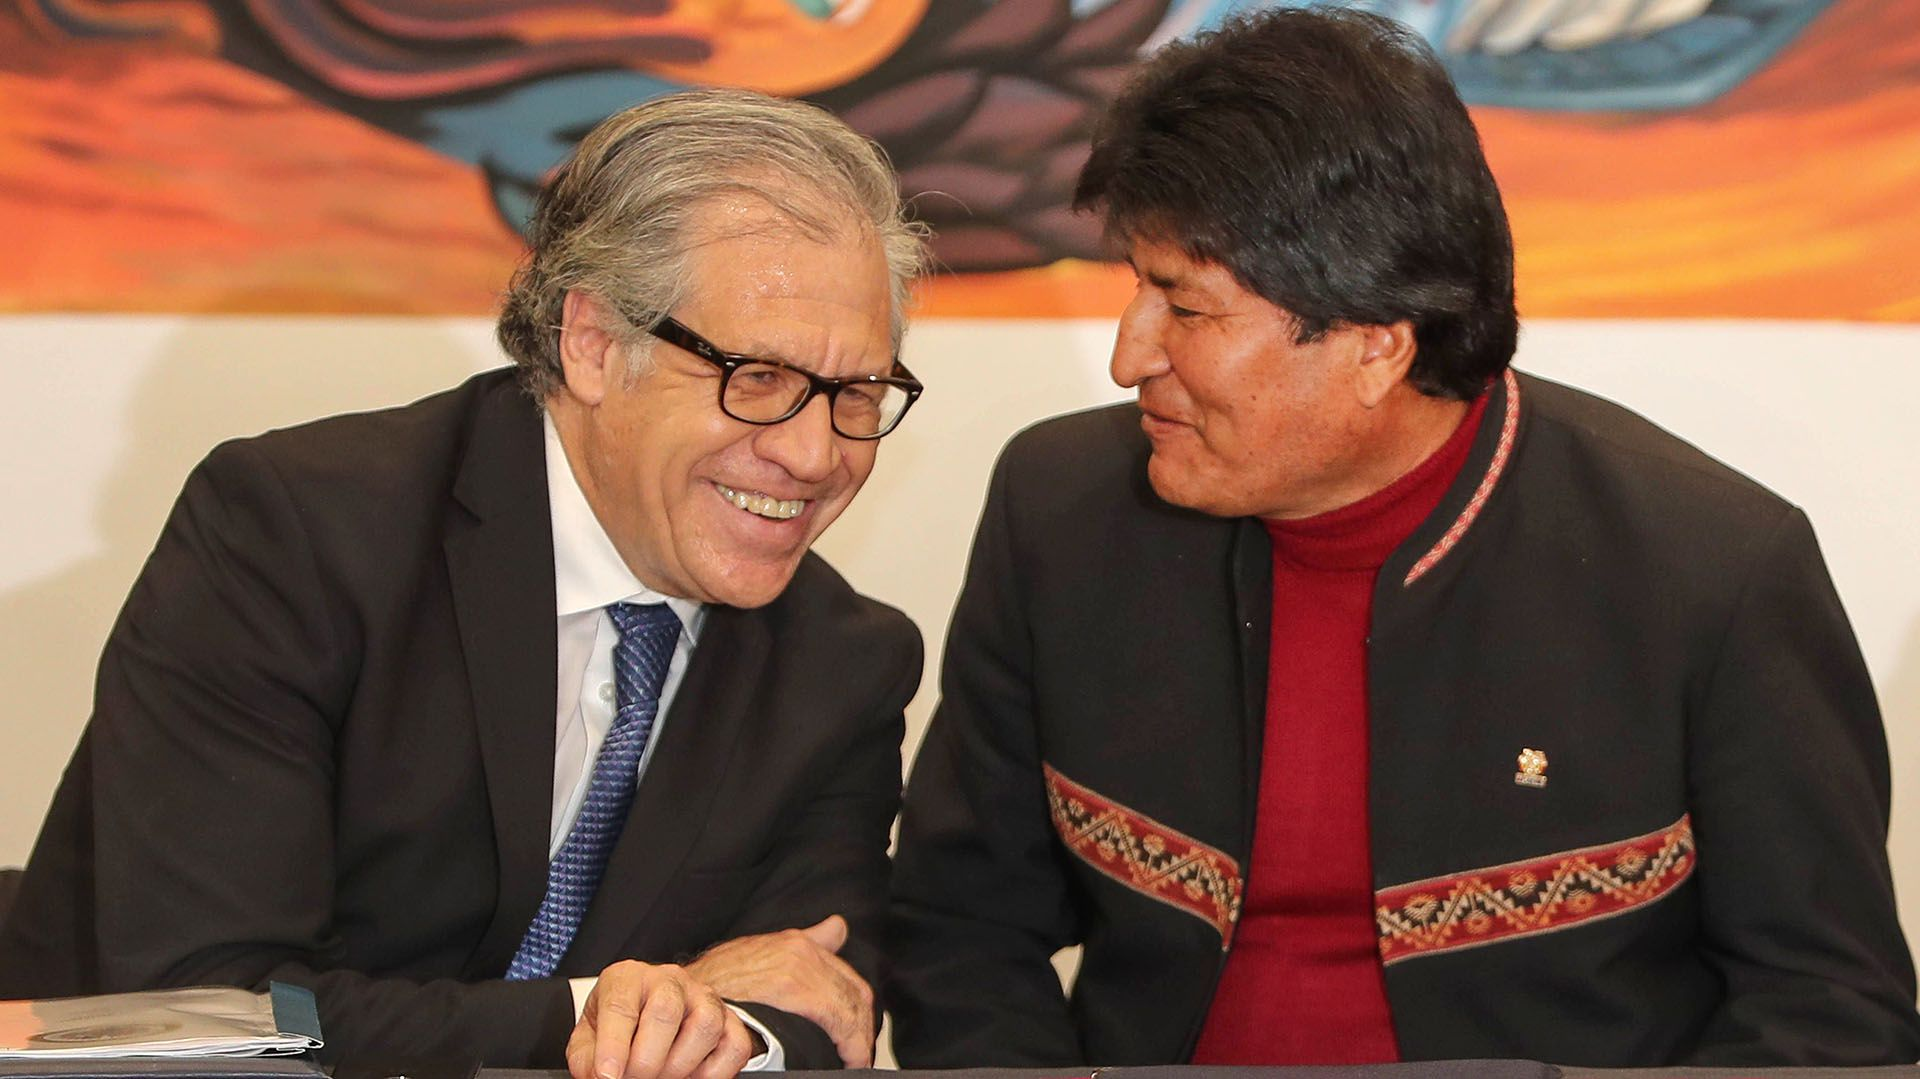 El secretario general de la Organización de Estados Americanos (OEA), Luis Almagro, conversando con el presidente de Bolivia, Evo Morales (EFE/Archivo)